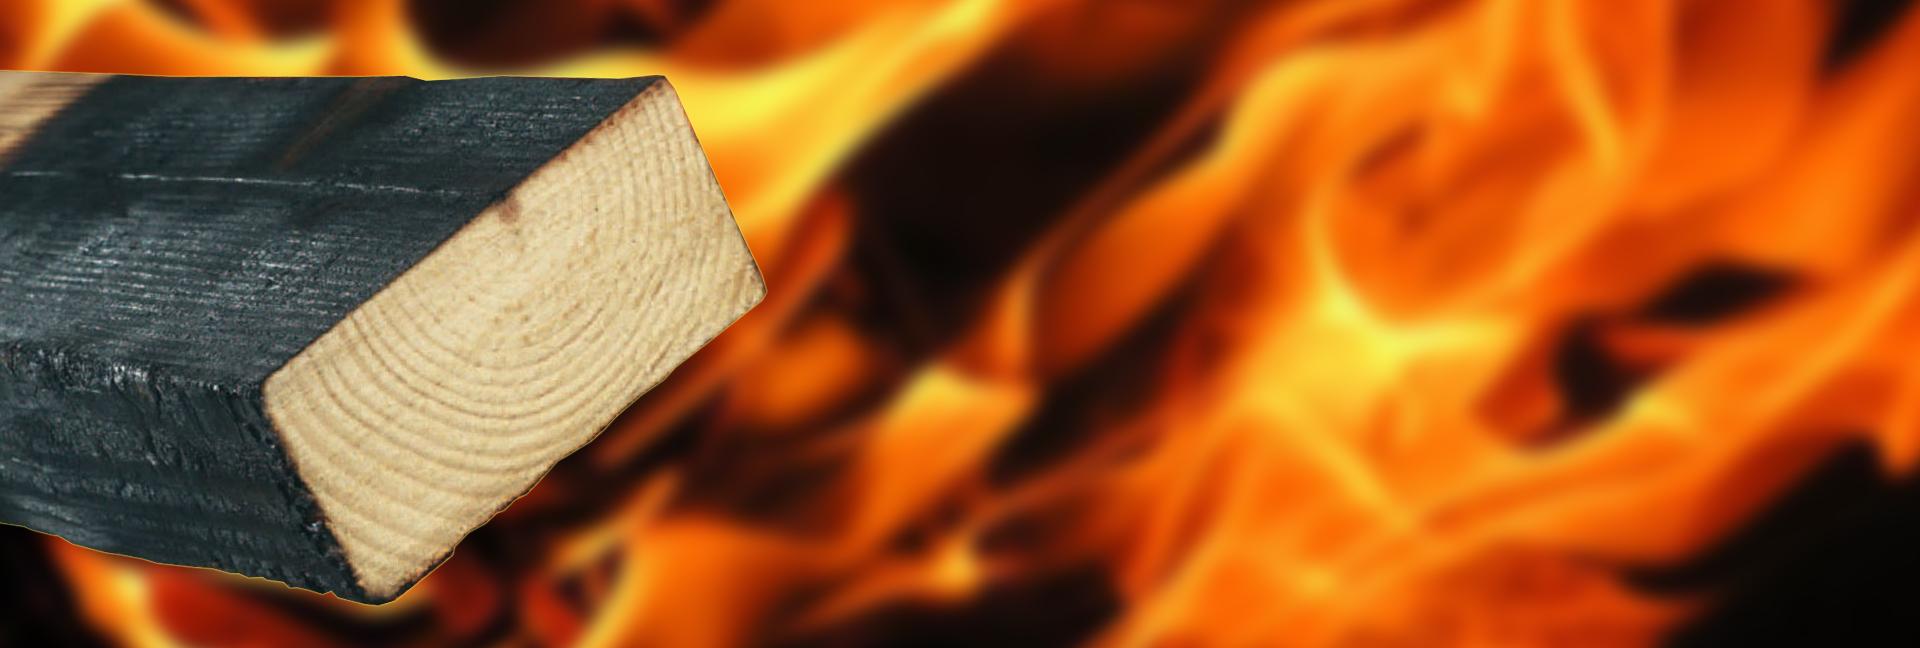 Пропитка от горения древесины своими руками